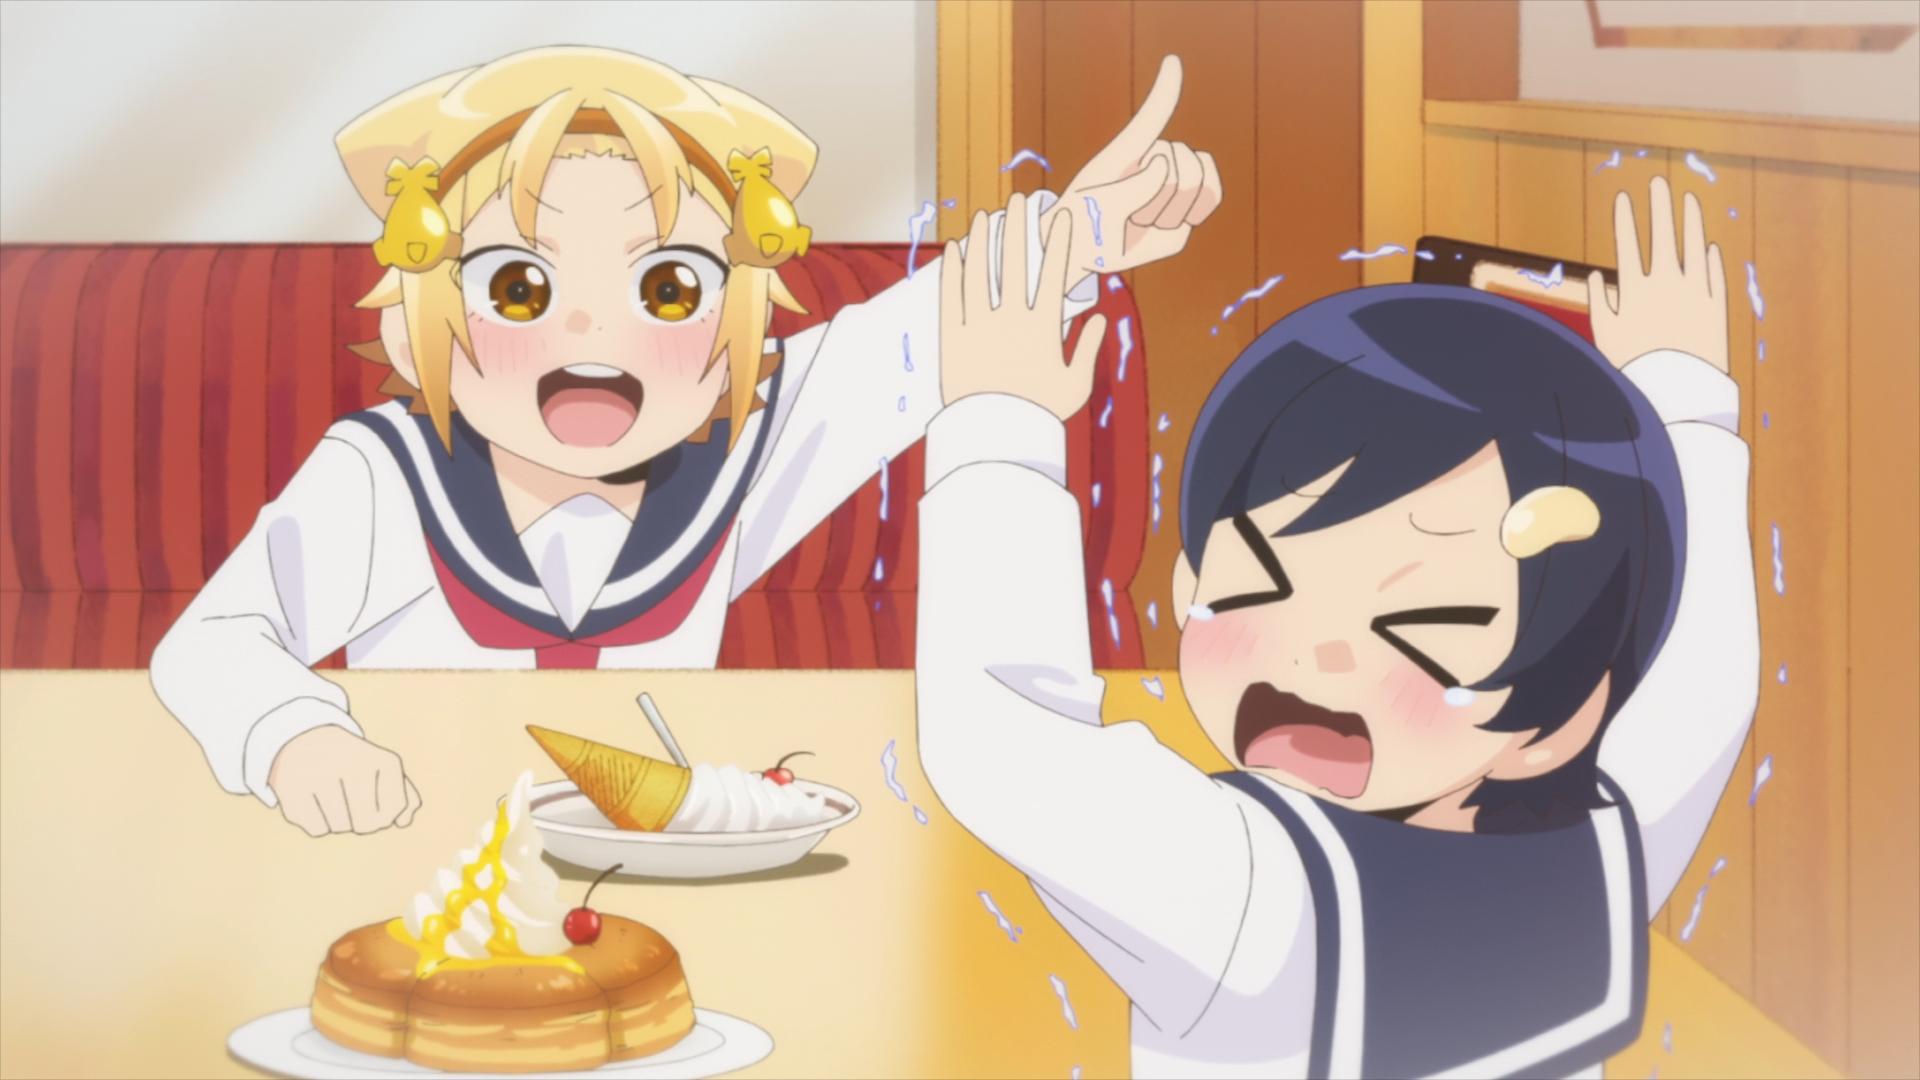 Monaka Yatogame invita a Toshika Jin con algunas delicias en un restaurante familiar, mientras que Toshika se siente intimidada por la personalidad extrovertida de Monaka en una escena del anime de televisión Yatogame-chan Kansatsu Nikki.